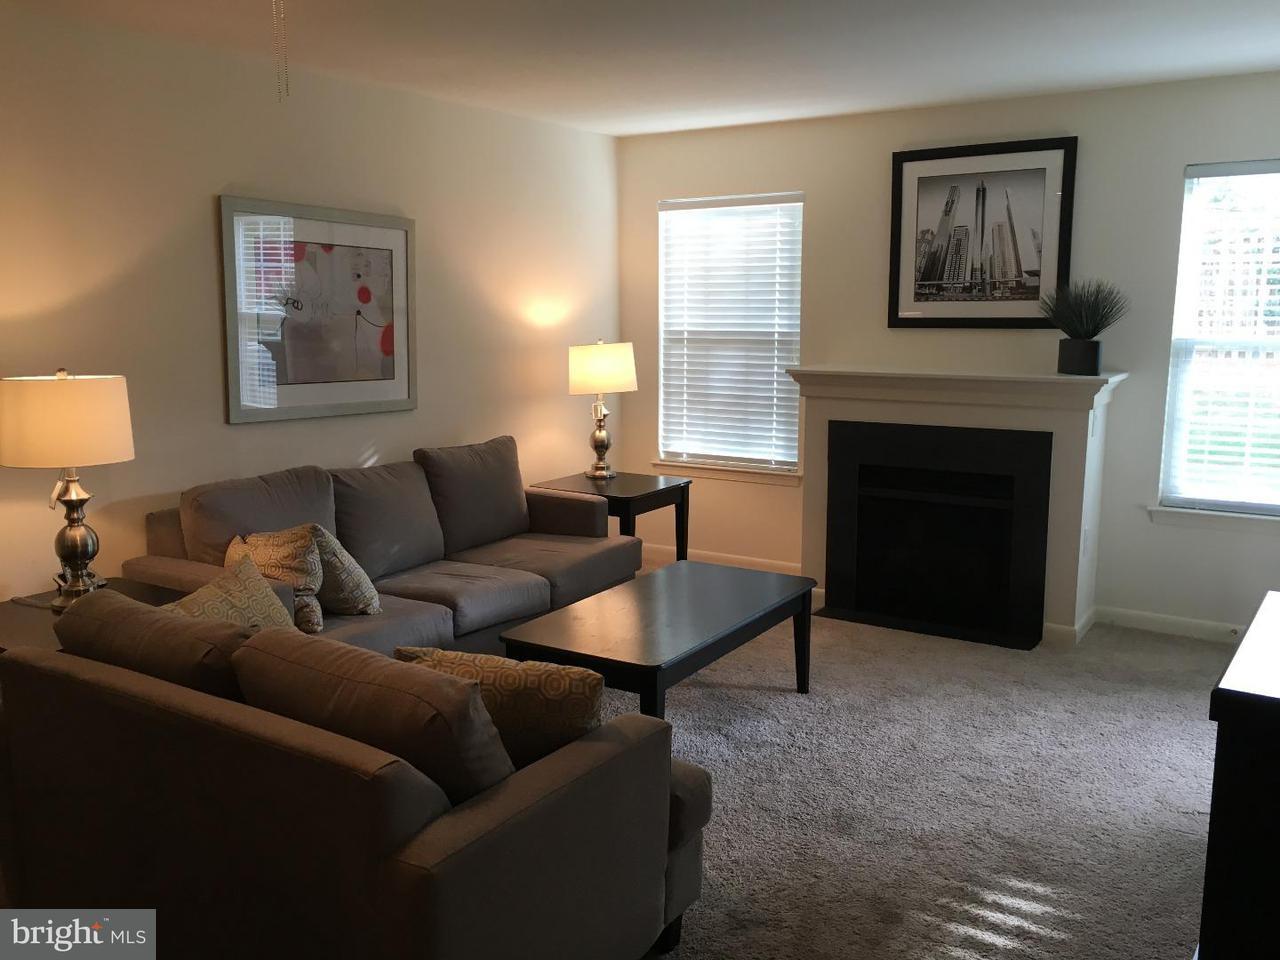 Частный односемейный дом для того Аренда на 3700 HERMITAGE DR #2213 Voorhees, Нью-Джерси 08043 Соединенные Штаты